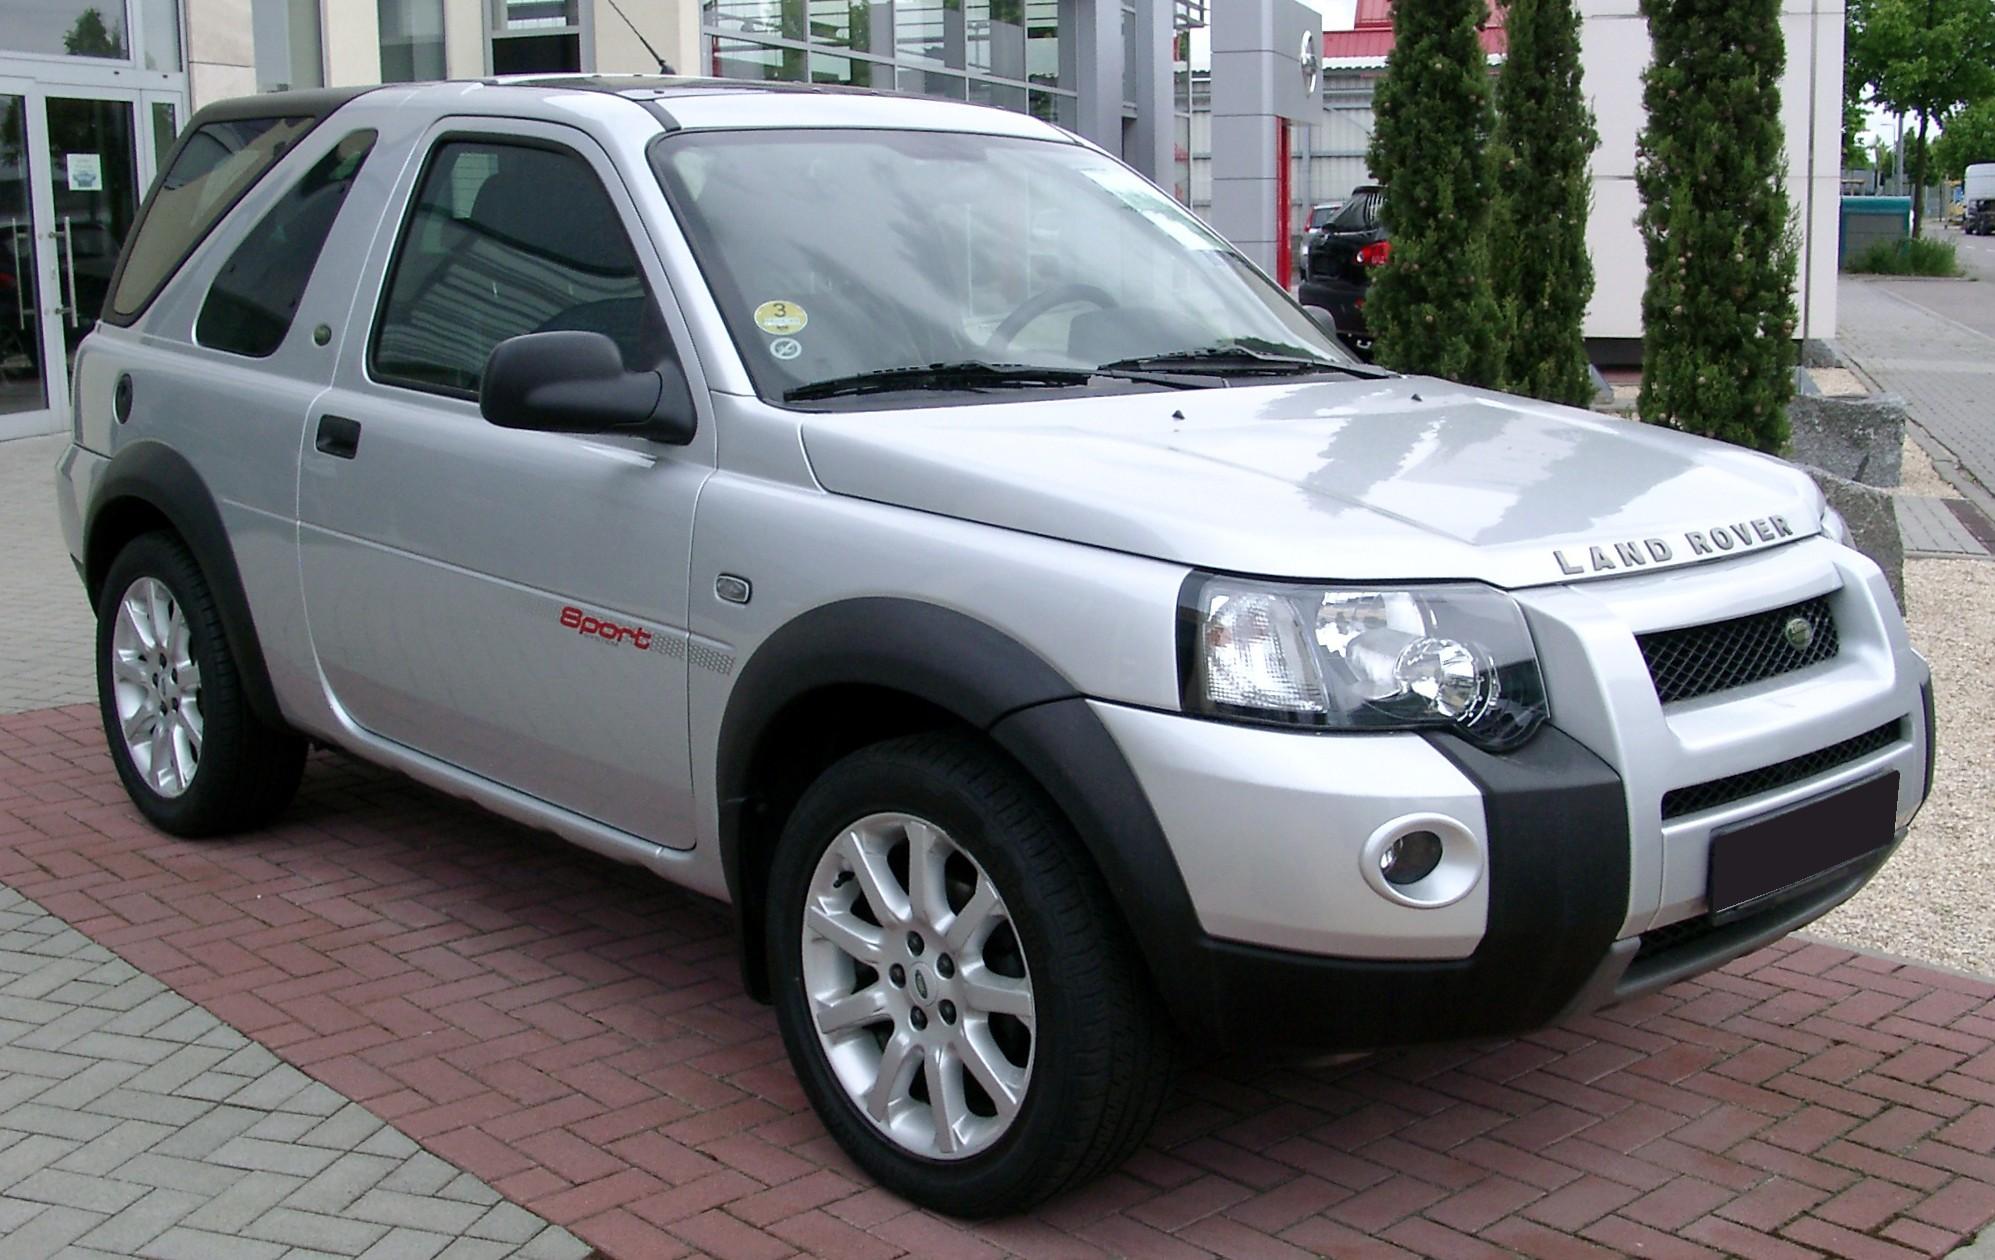 Image Land Rover Freelander front